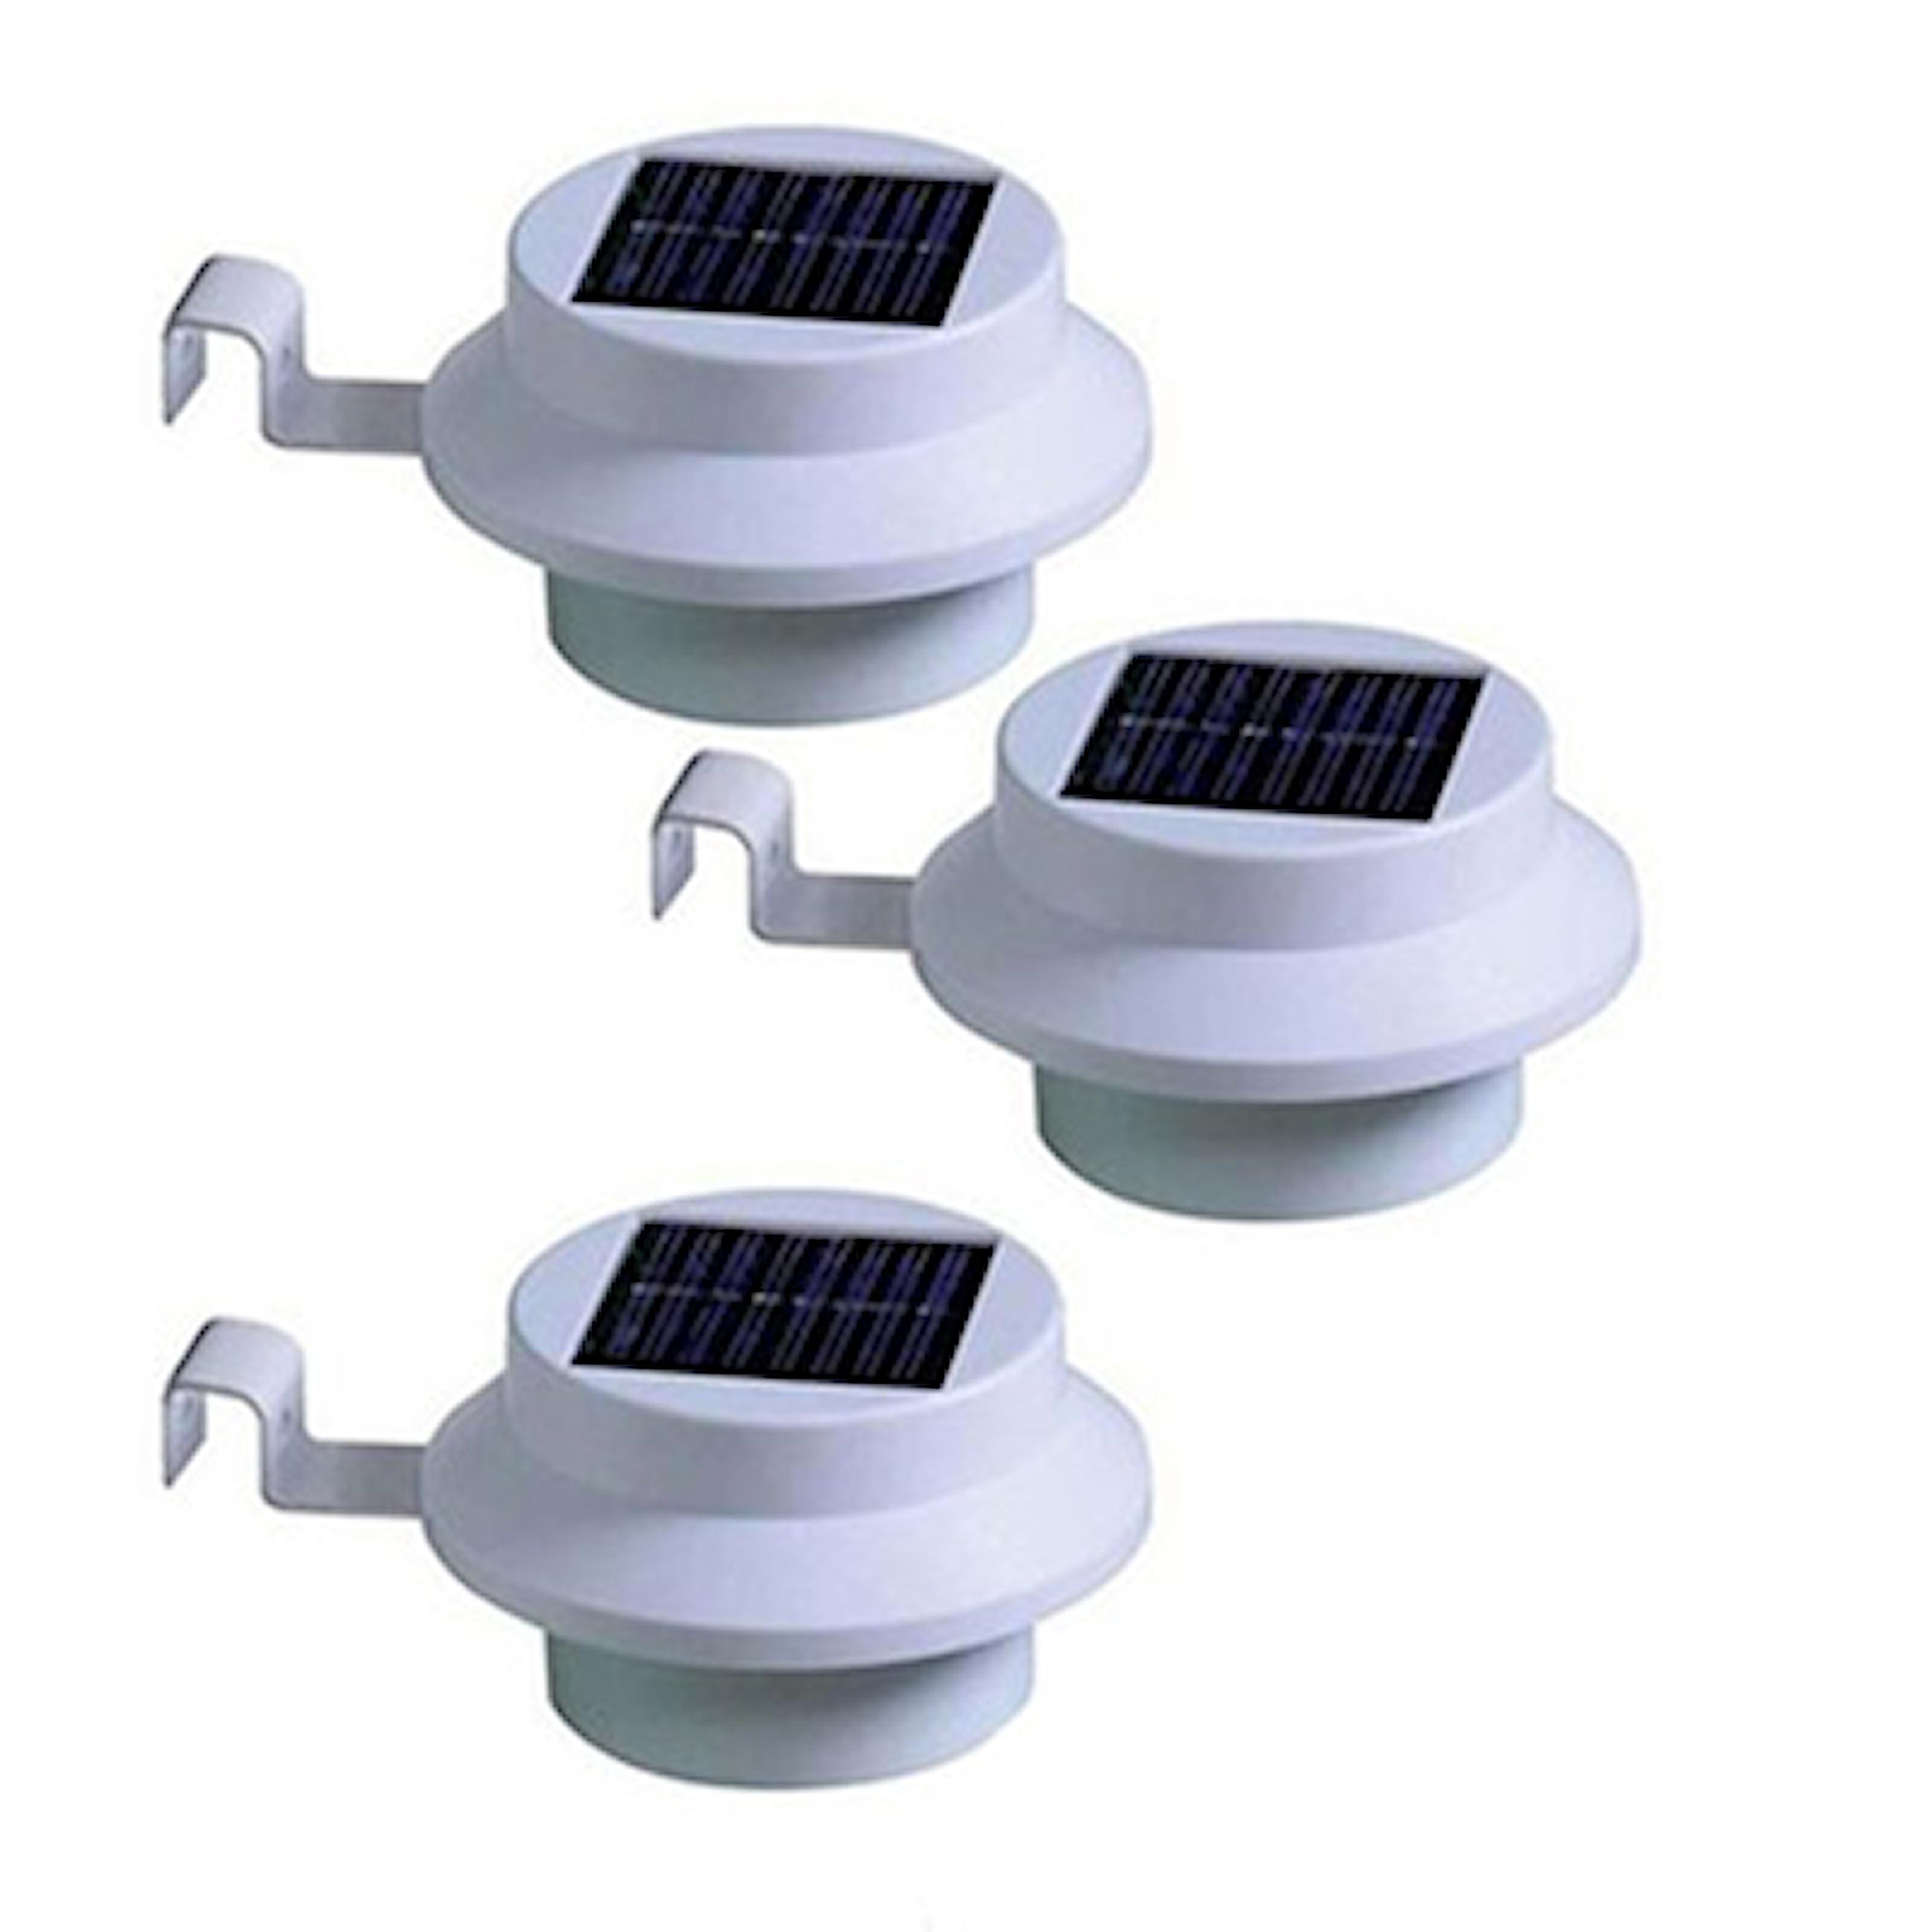 Hvit, Outdoor Solar Lamps, 3-pack utendørs solcellelamper, ,